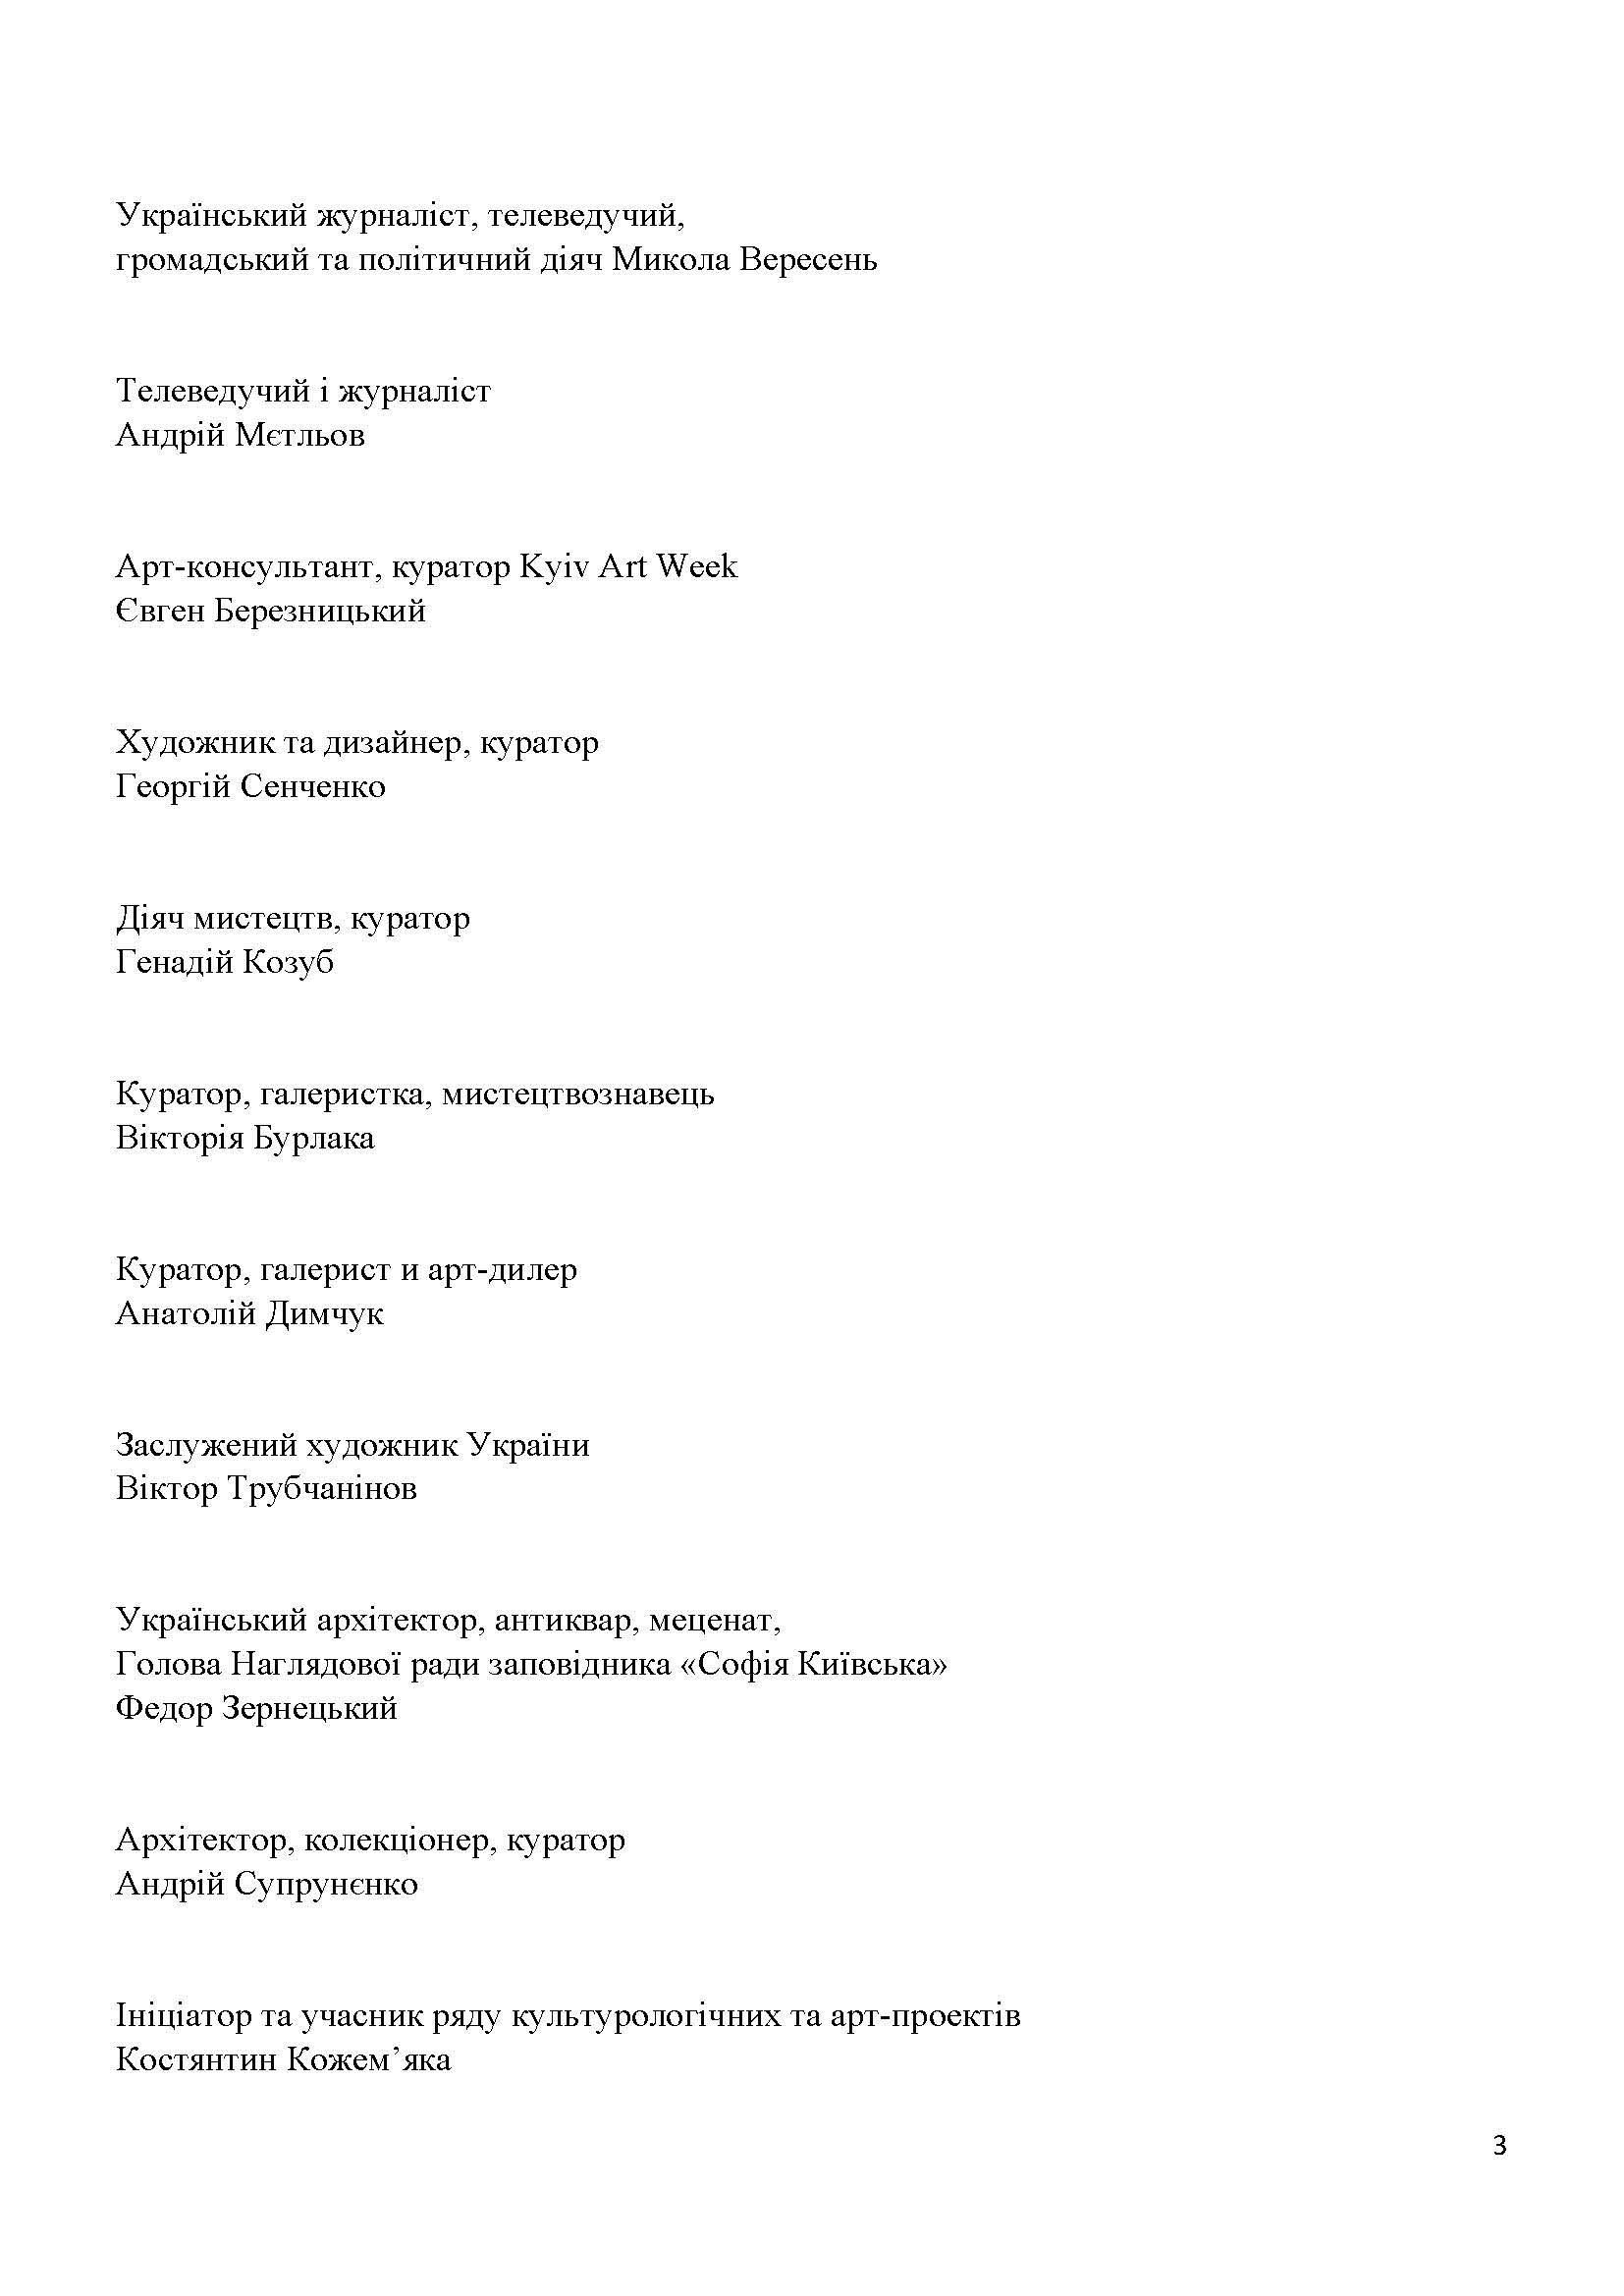 vidkritiy-list-bienale2018-1-_stranica_3